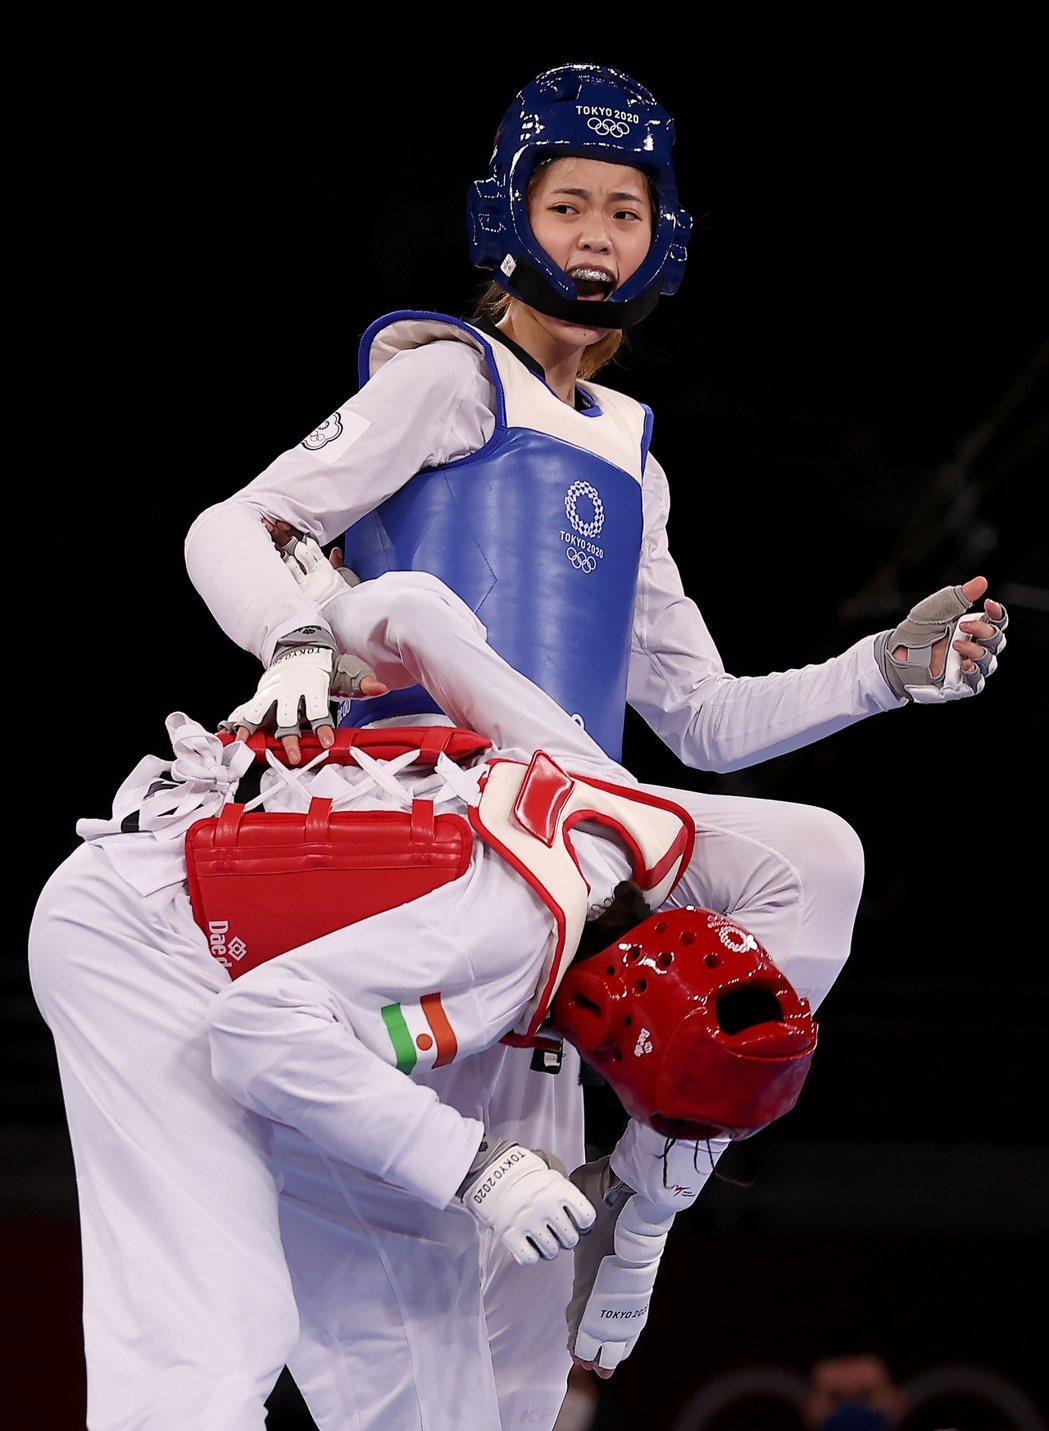 羅嘉翎(後)在東京奧運銅牌戰中擊敗尼日選手。 本報系特派記者余承翰/攝影